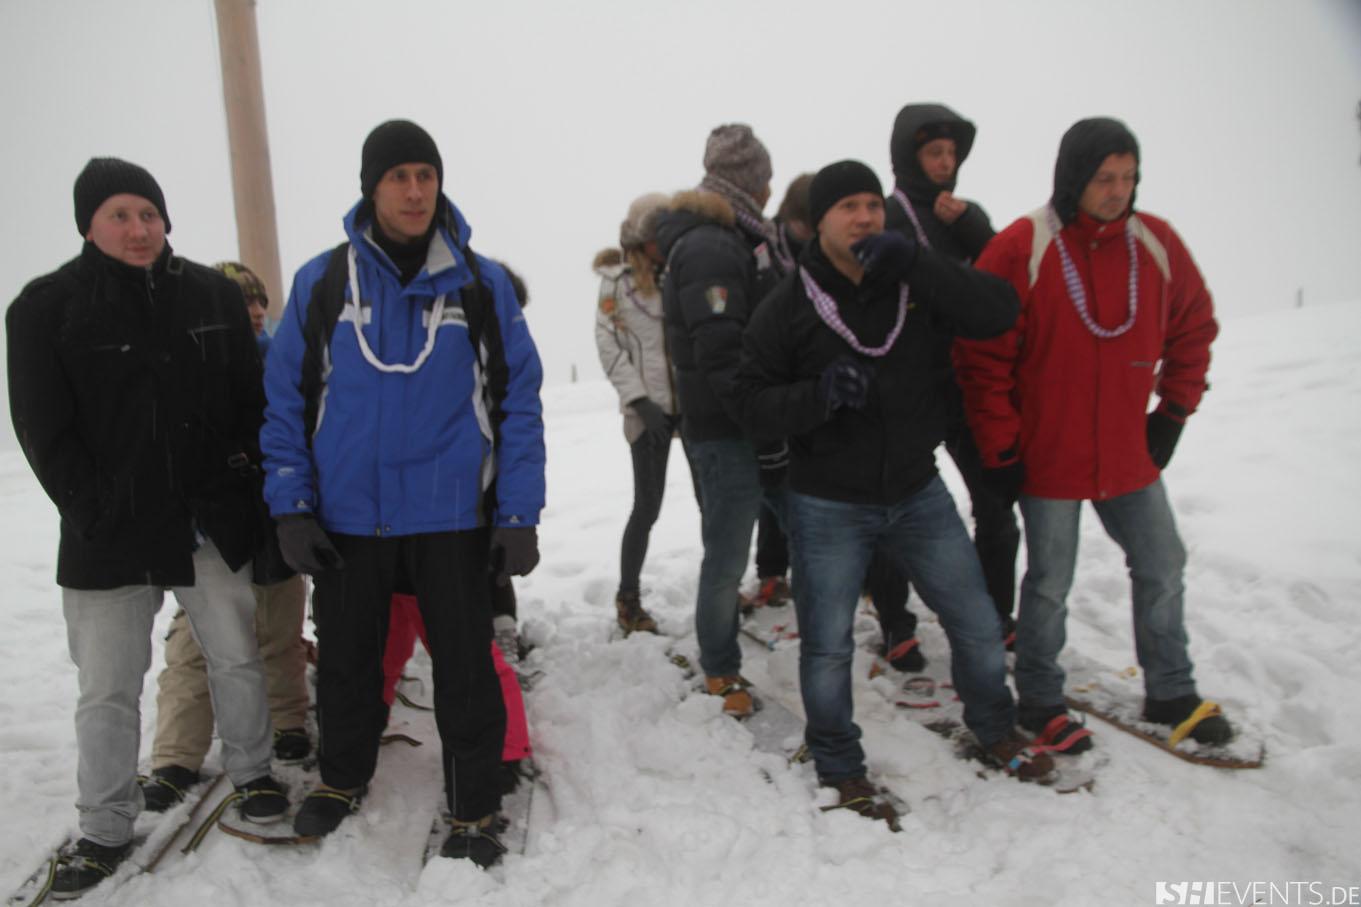 Zwei Gruppen beim Teamskilauf im Schnee